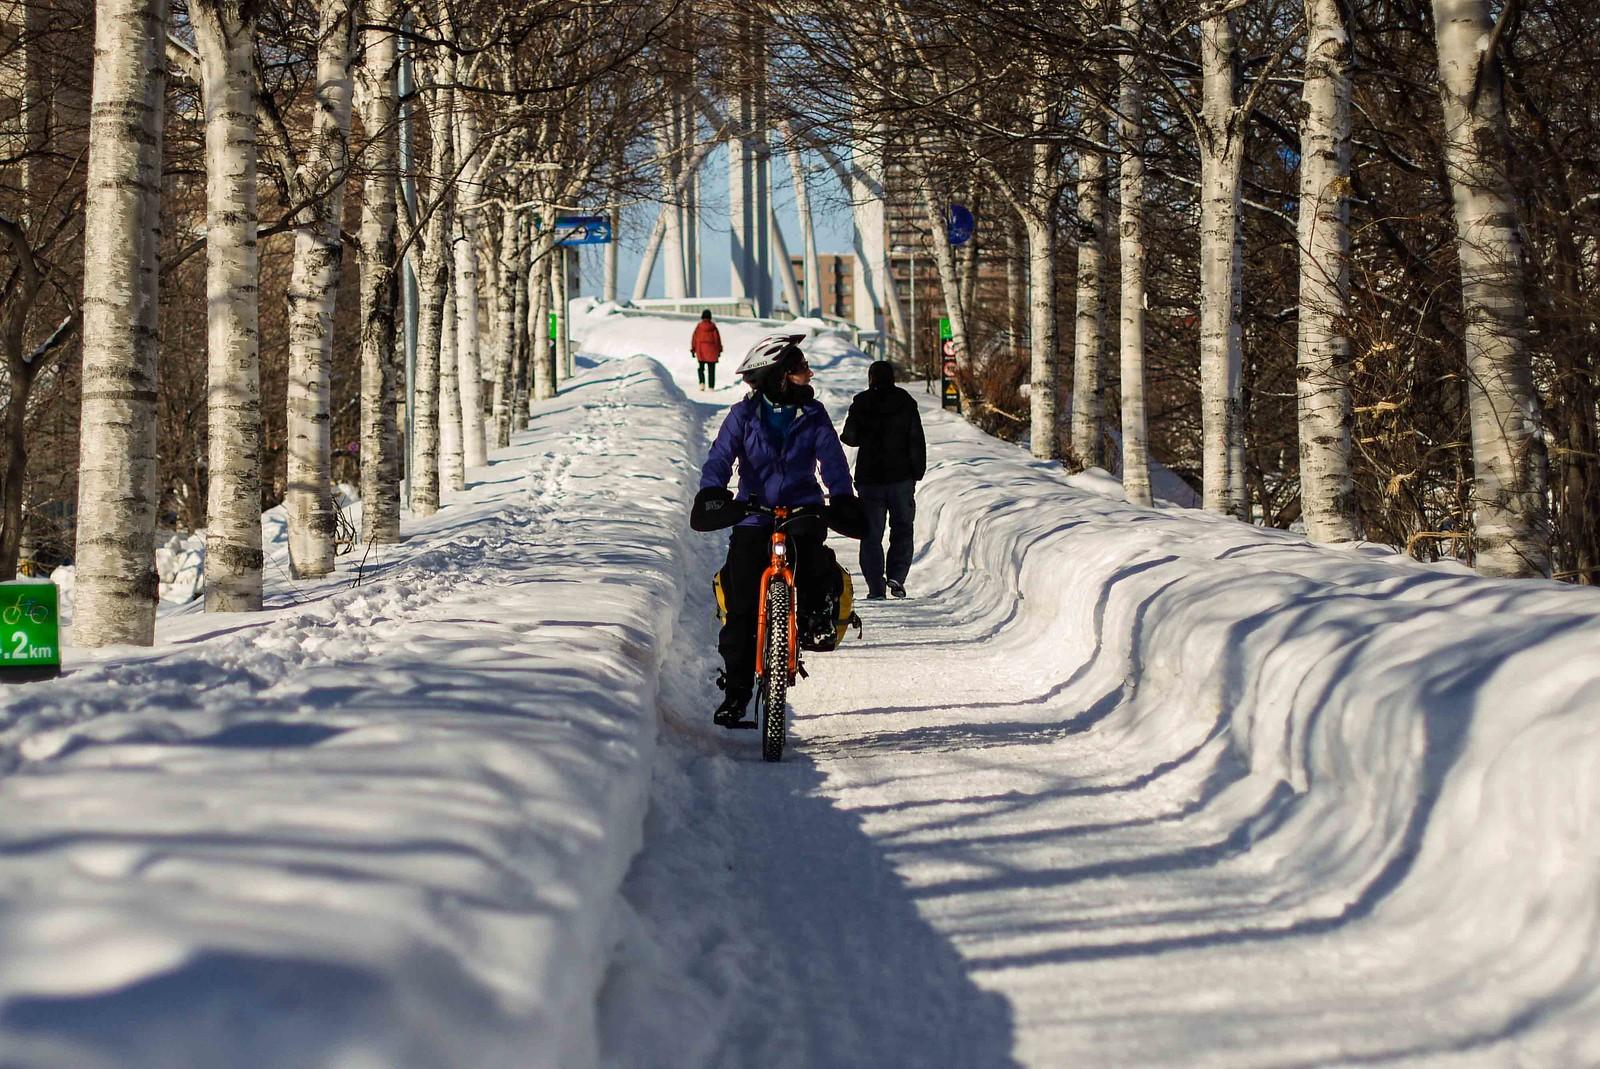 Shiroishi Cycling road in Sapporo in winter (Hokkaido, Japan)